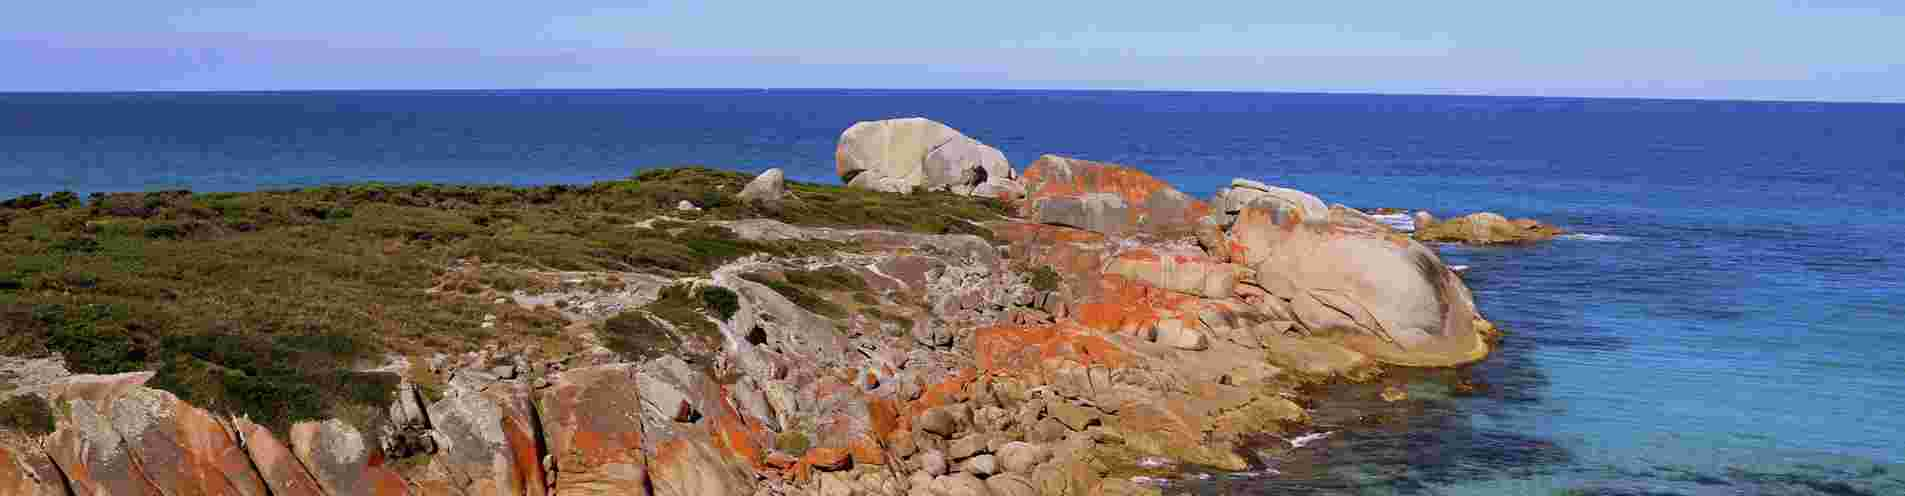 10 Flinders Island Must Sees header image